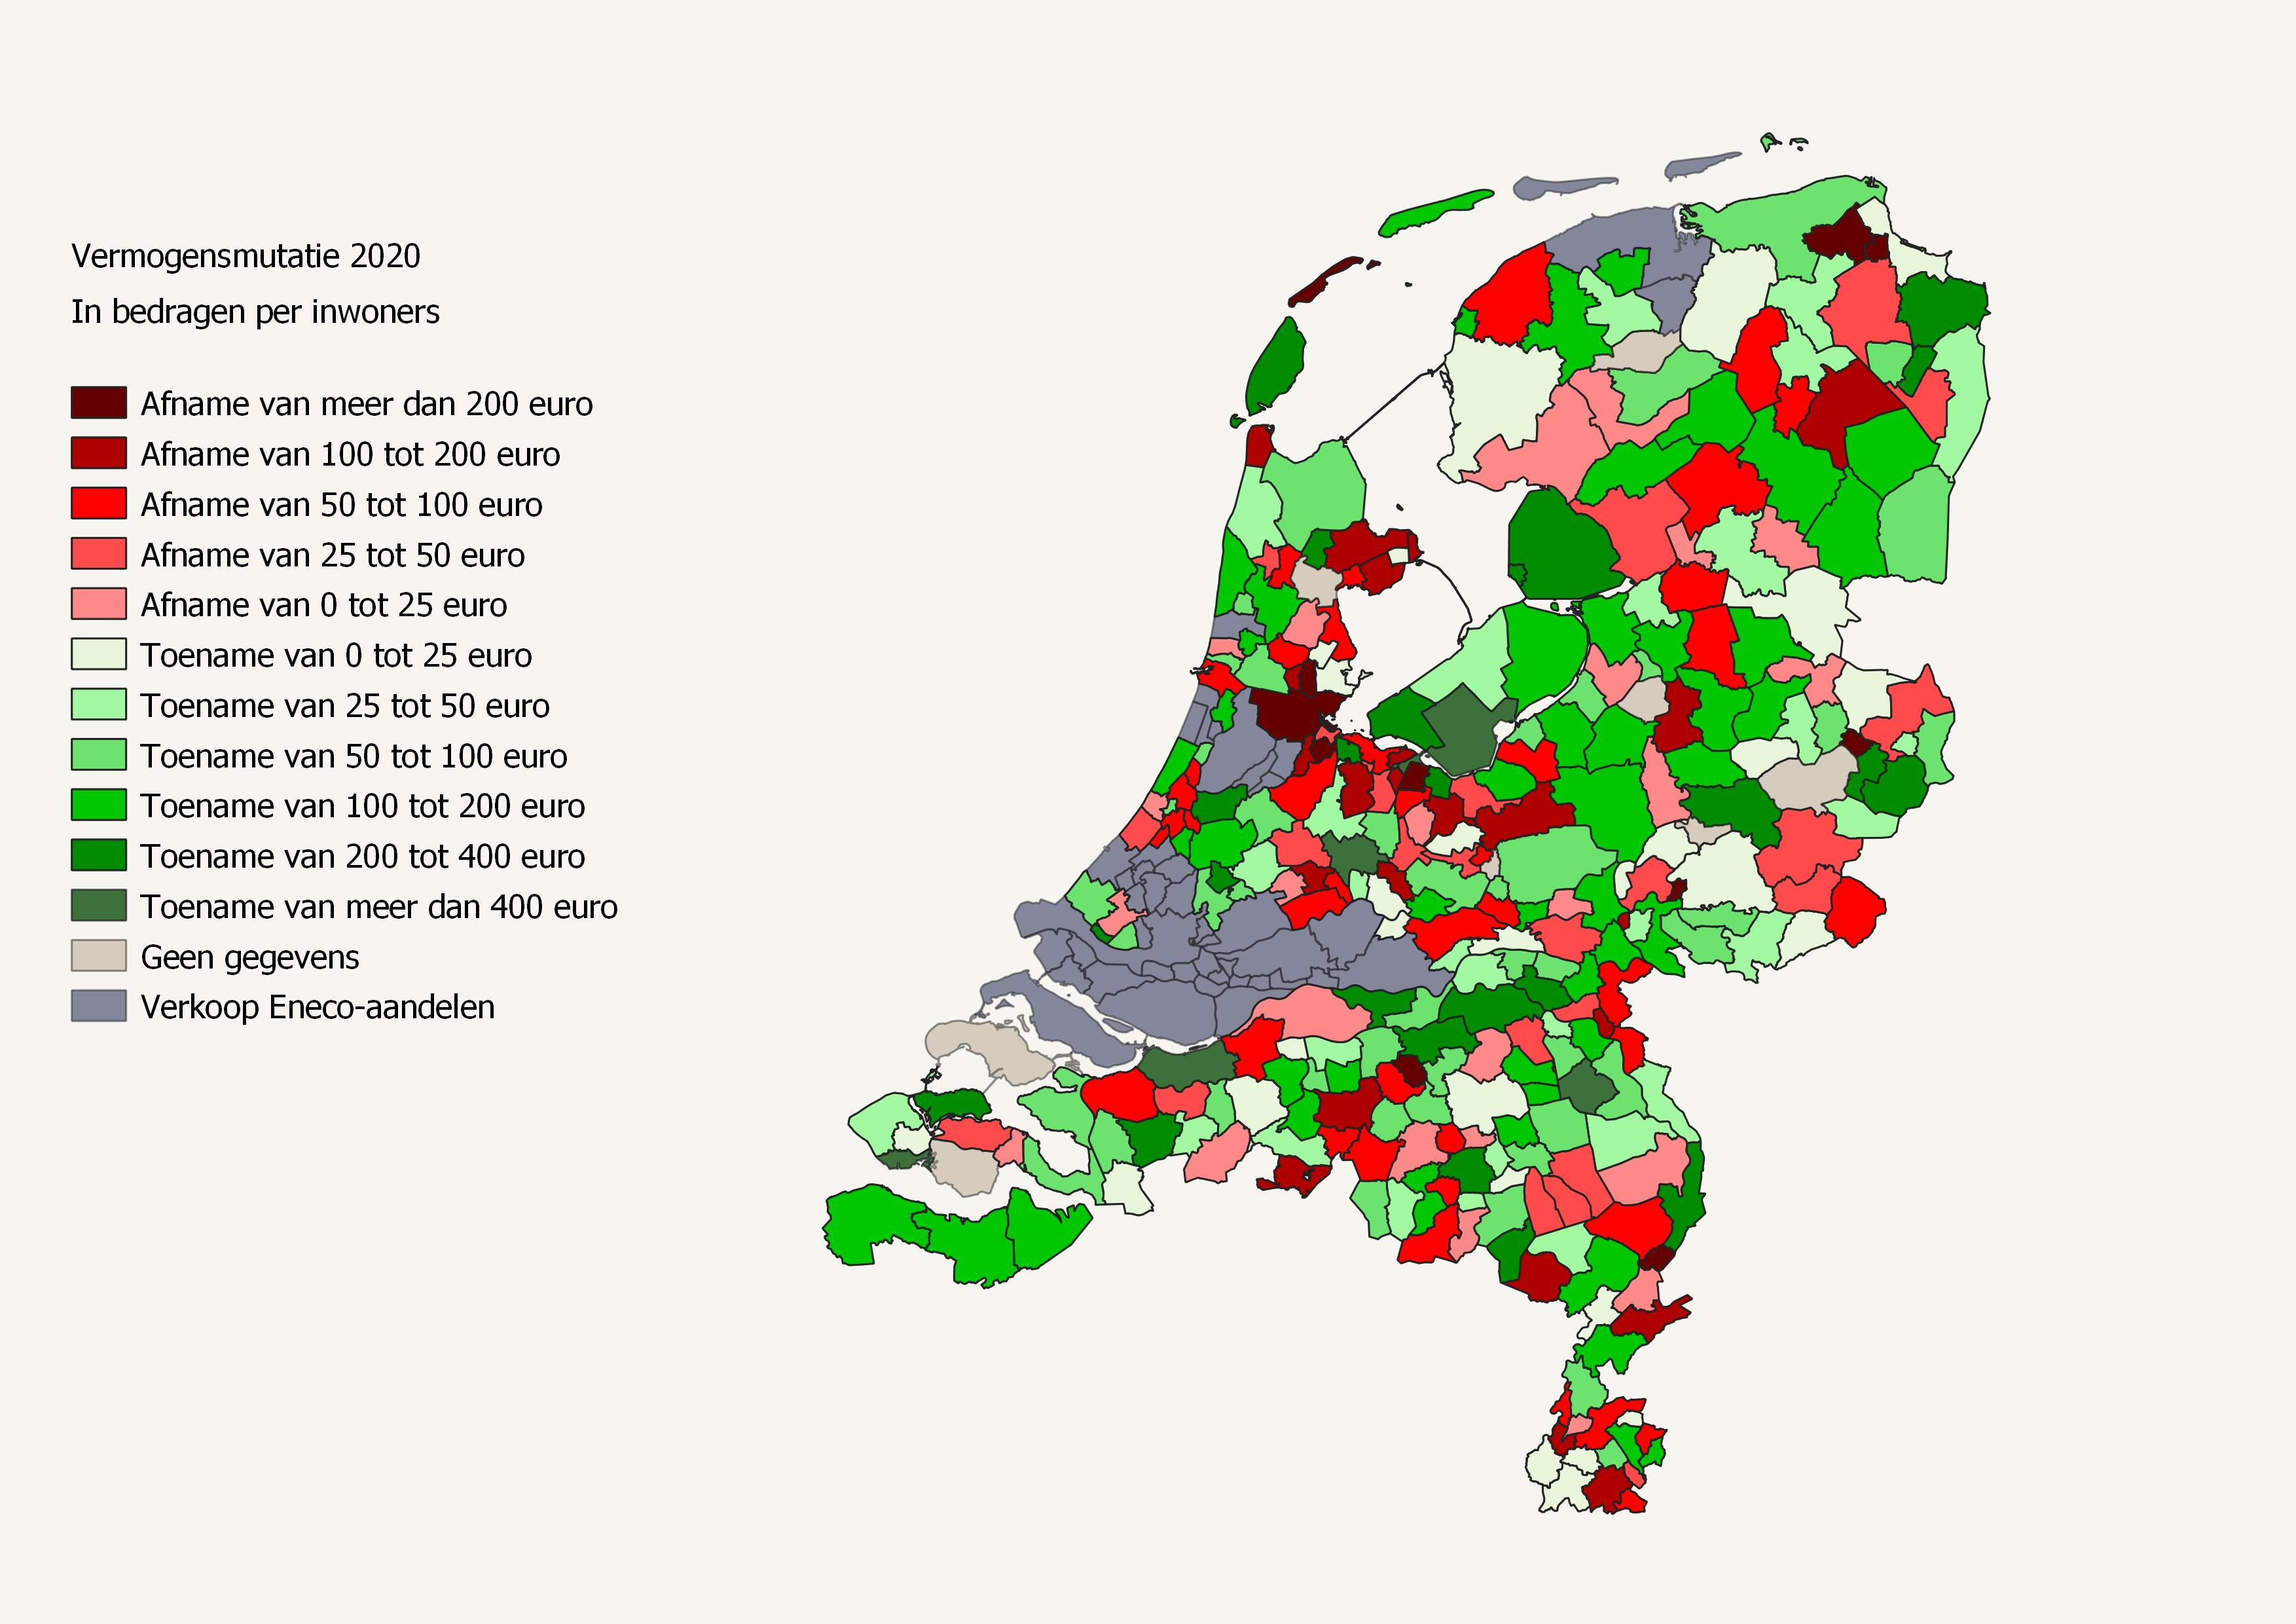 Afbeelding van de vermogensmutatie 2020 Nederlandse gemeenten